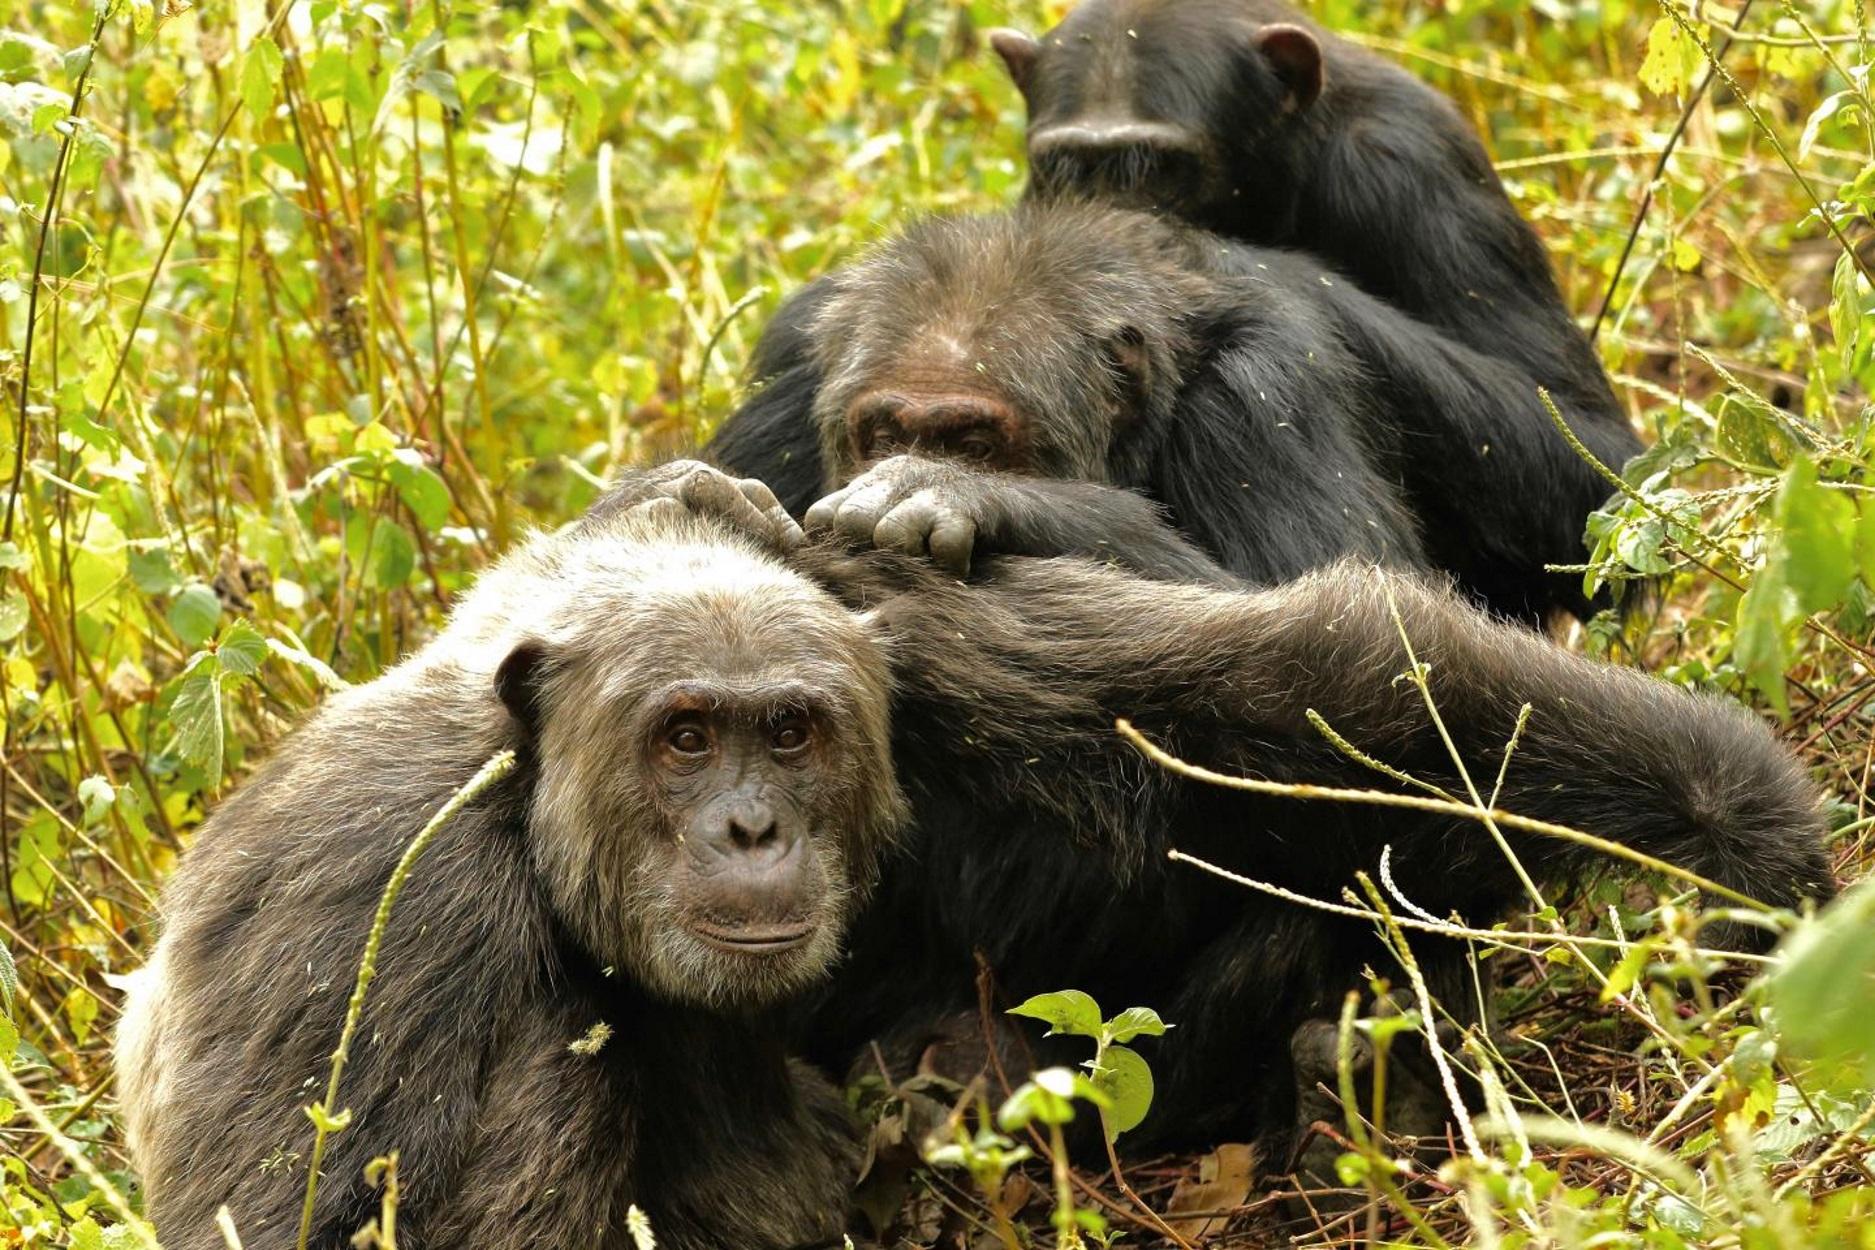 Πολύ επιλεκτικοί στις φιλίες; Και οι χιμπατζήδες το ίδιο!